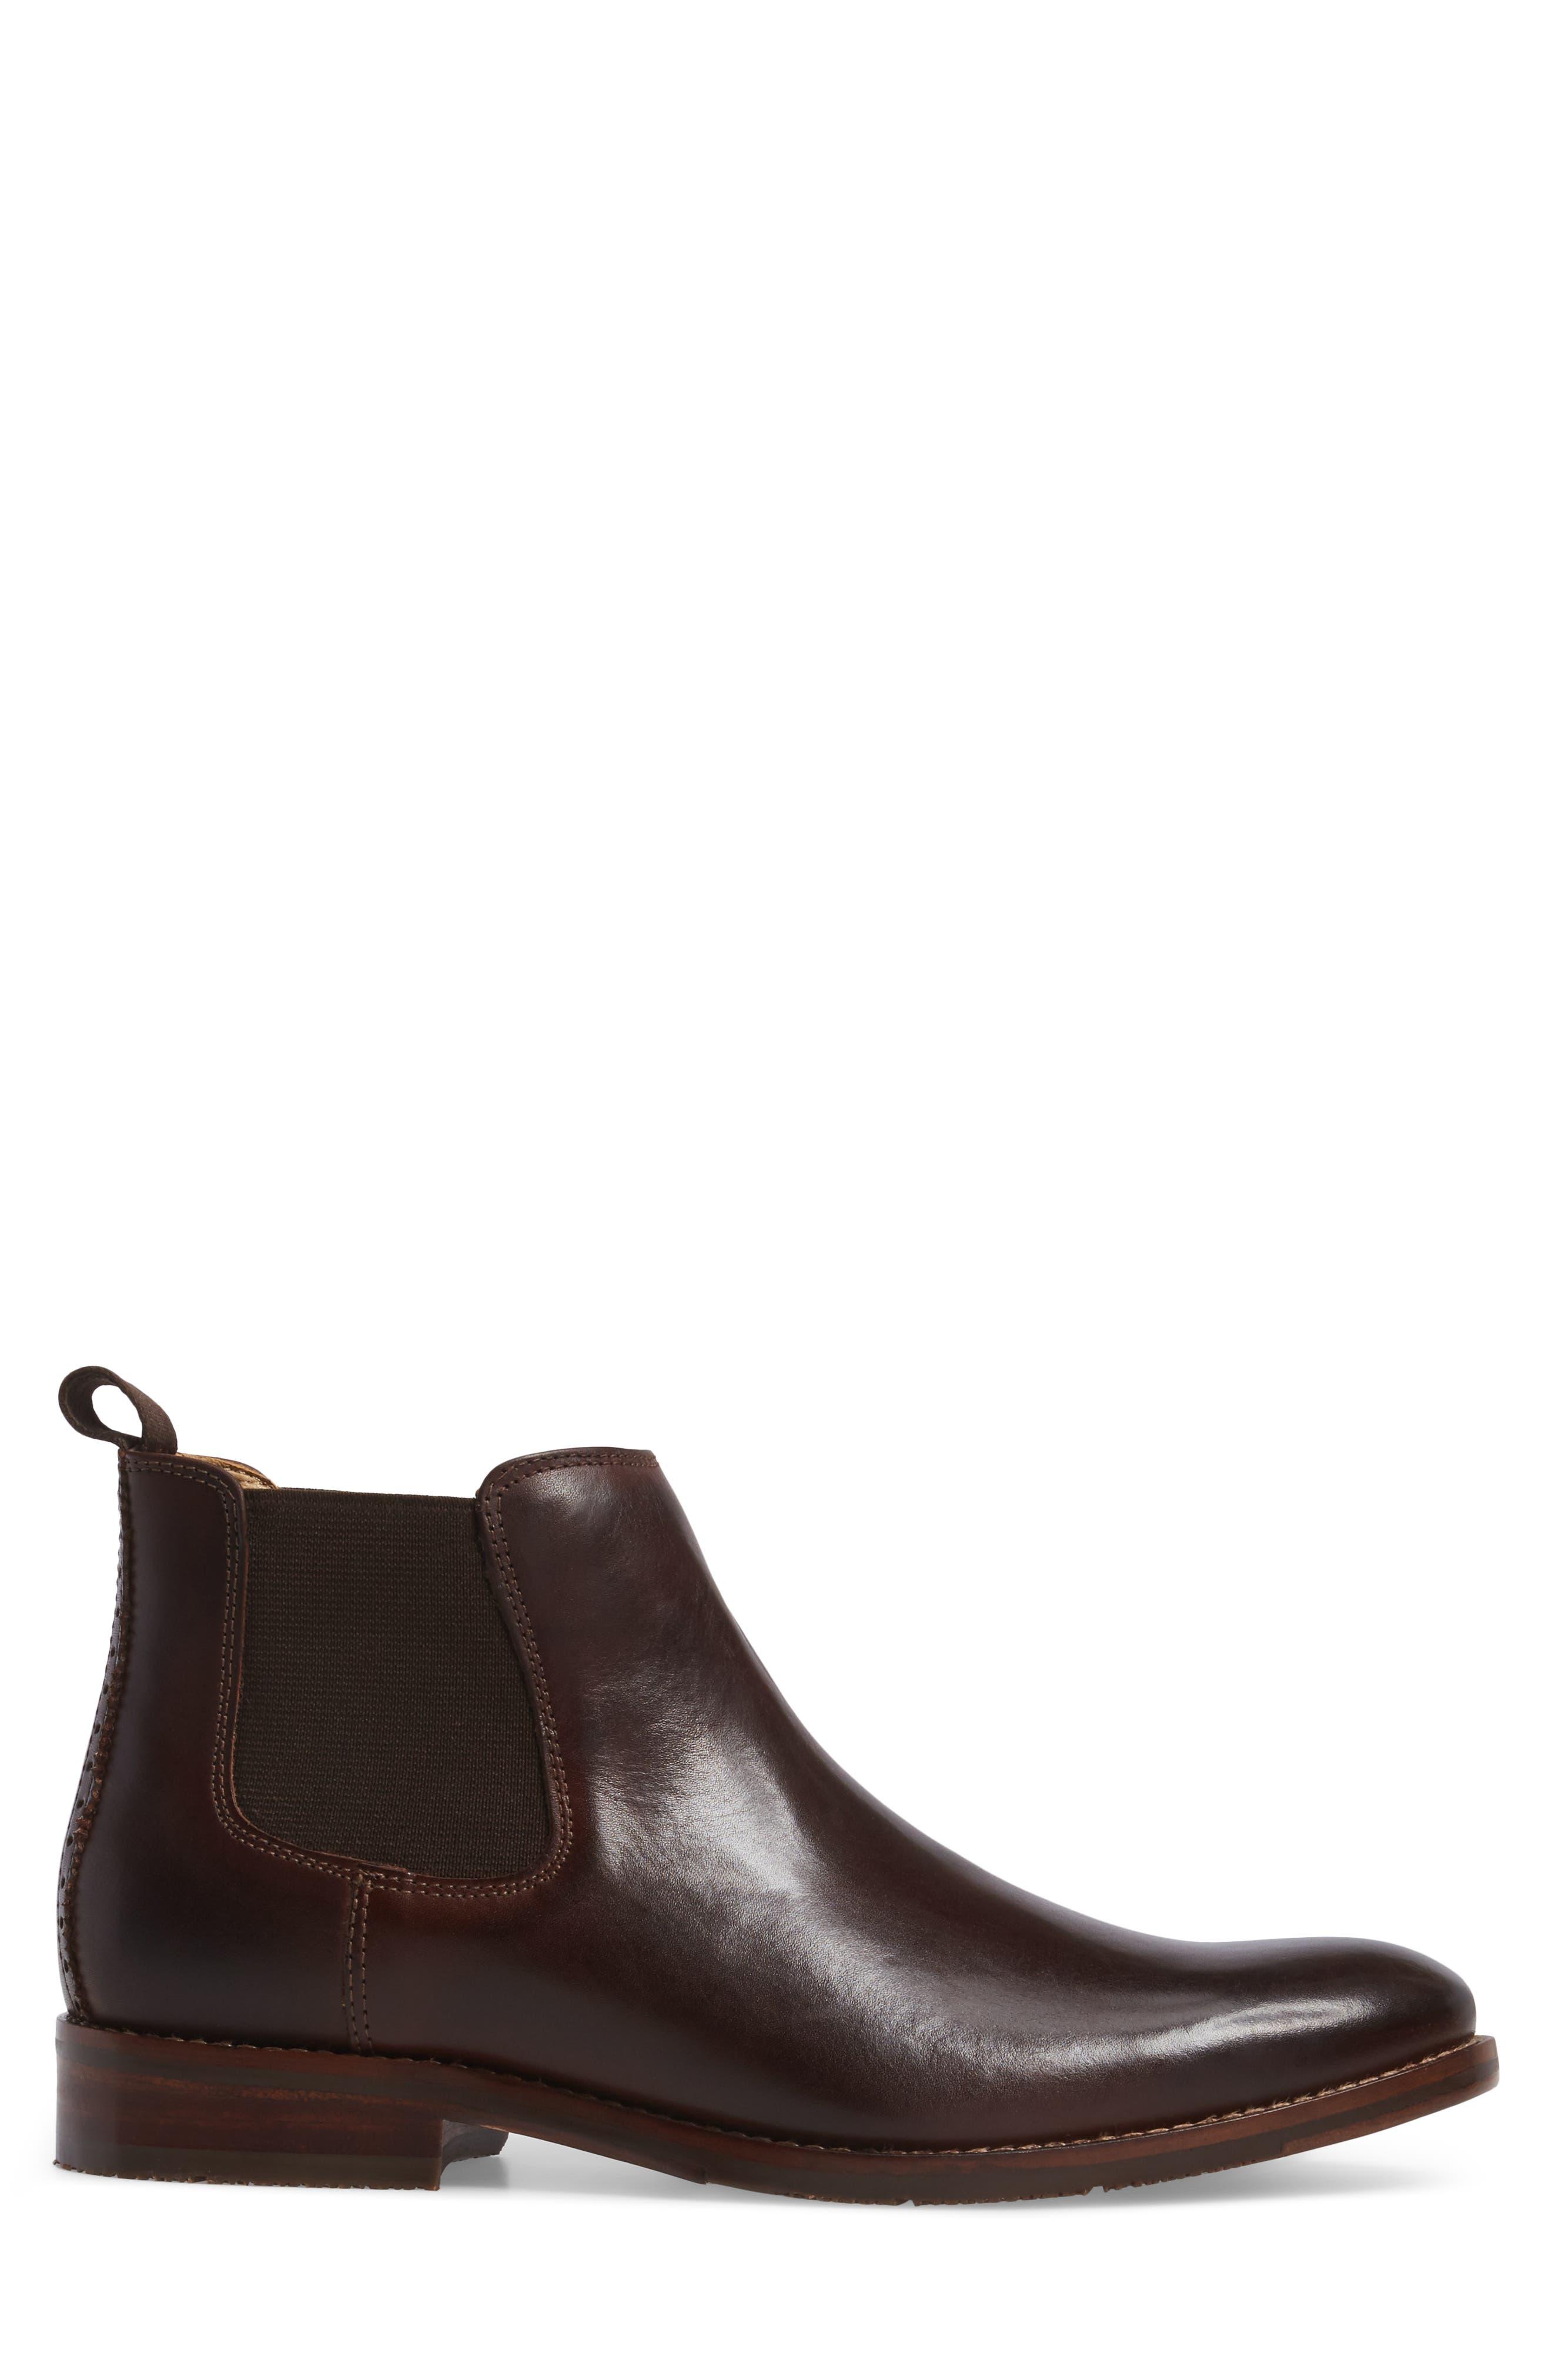 Alternate Image 3  - Johnston & Murphy Garner Chelsea Boot (Men)